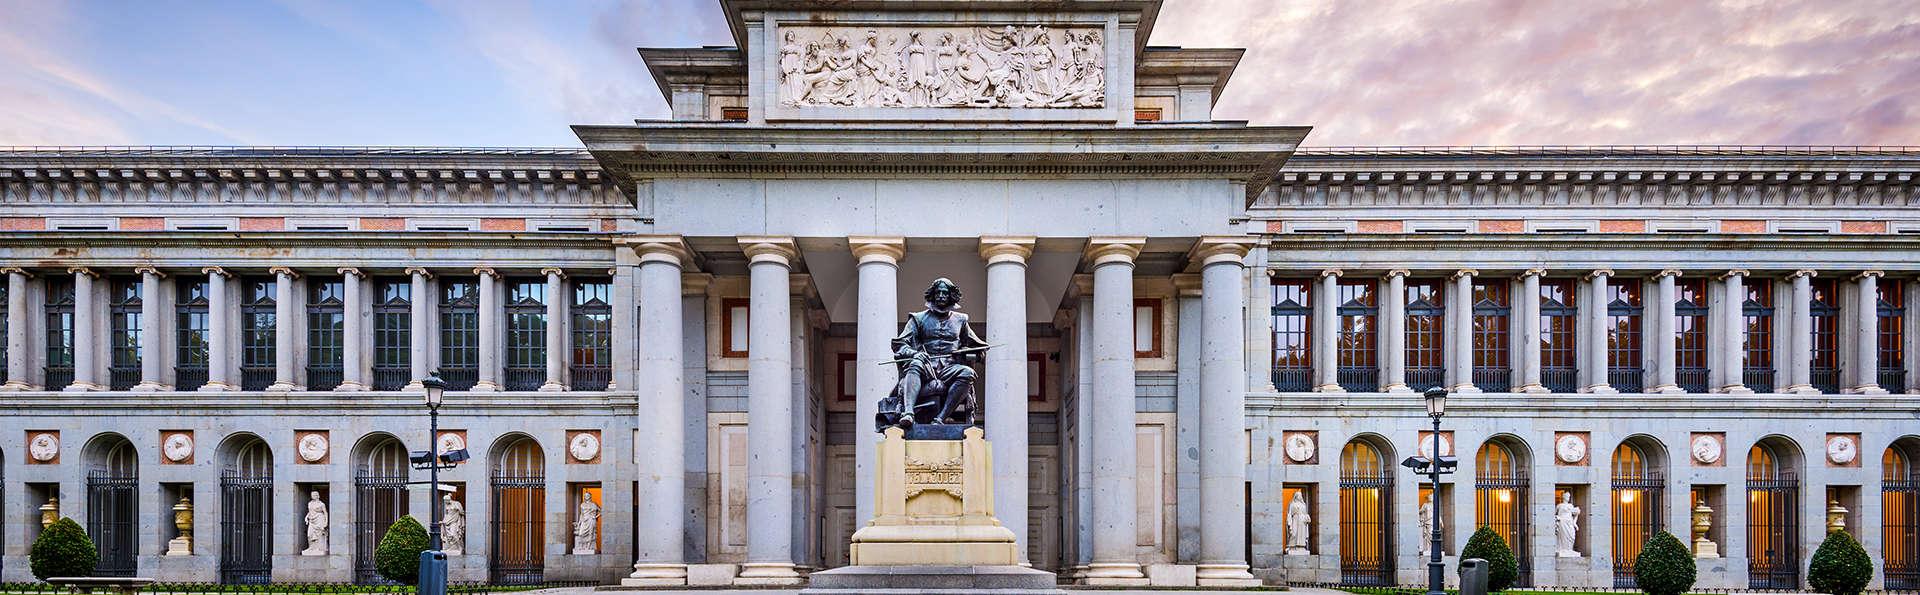 Luxe et culture avec la visite du musée Prado de Madrid